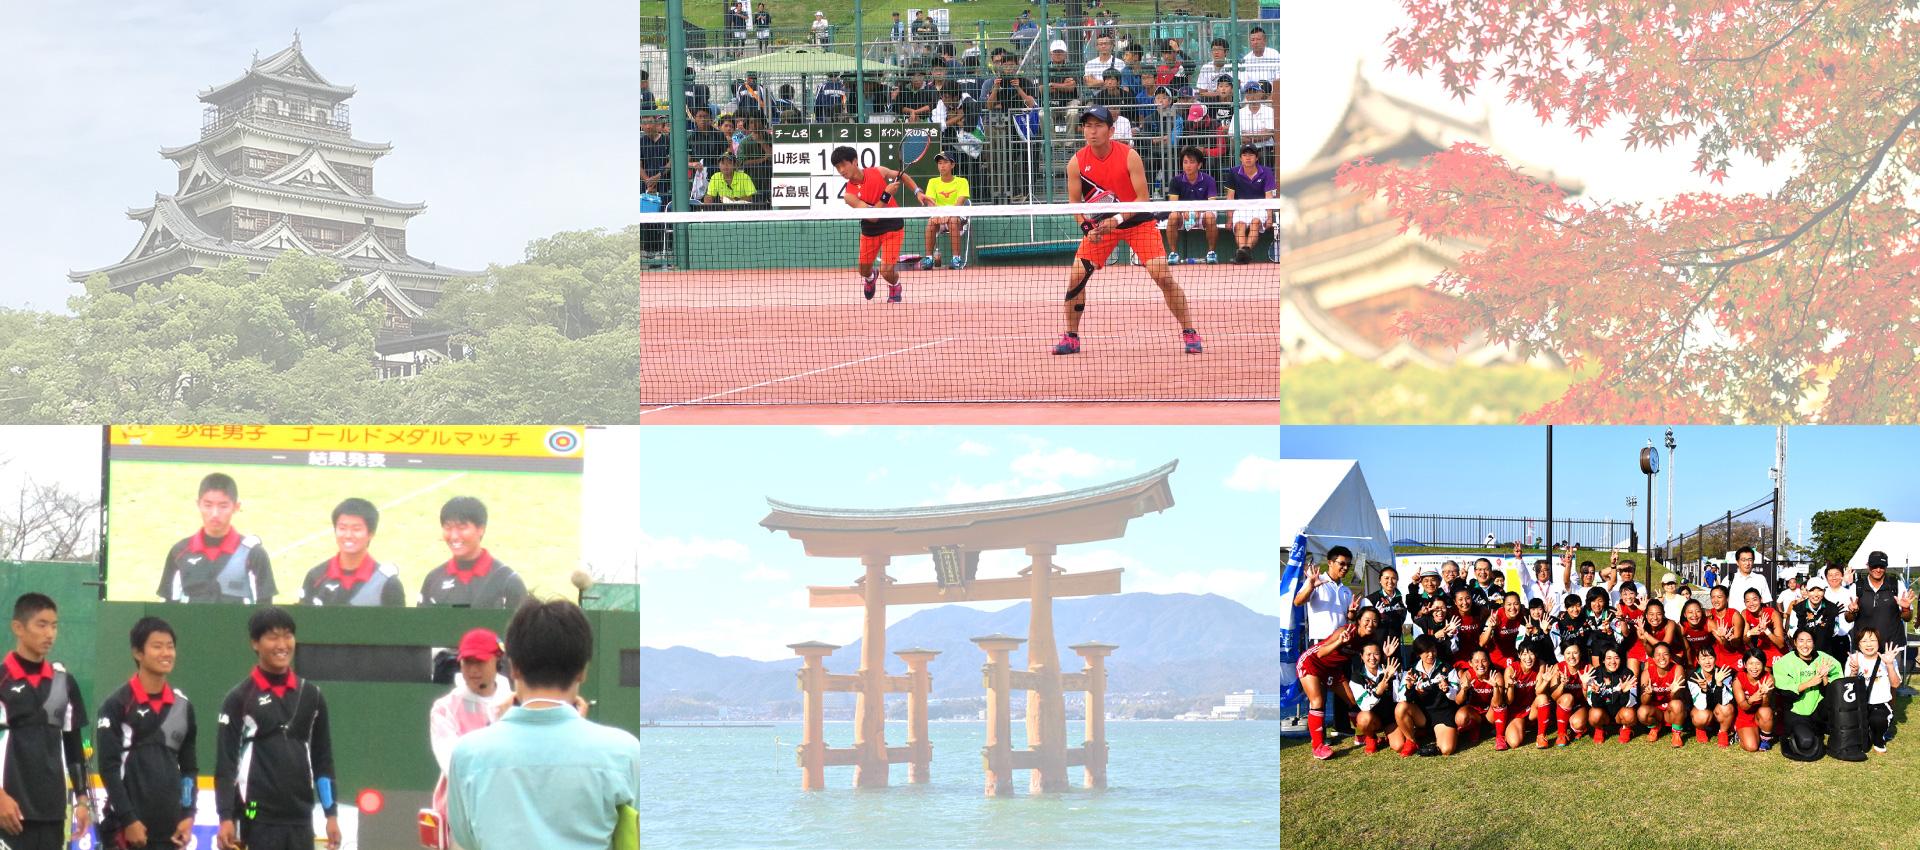 広島県スポーツ協会